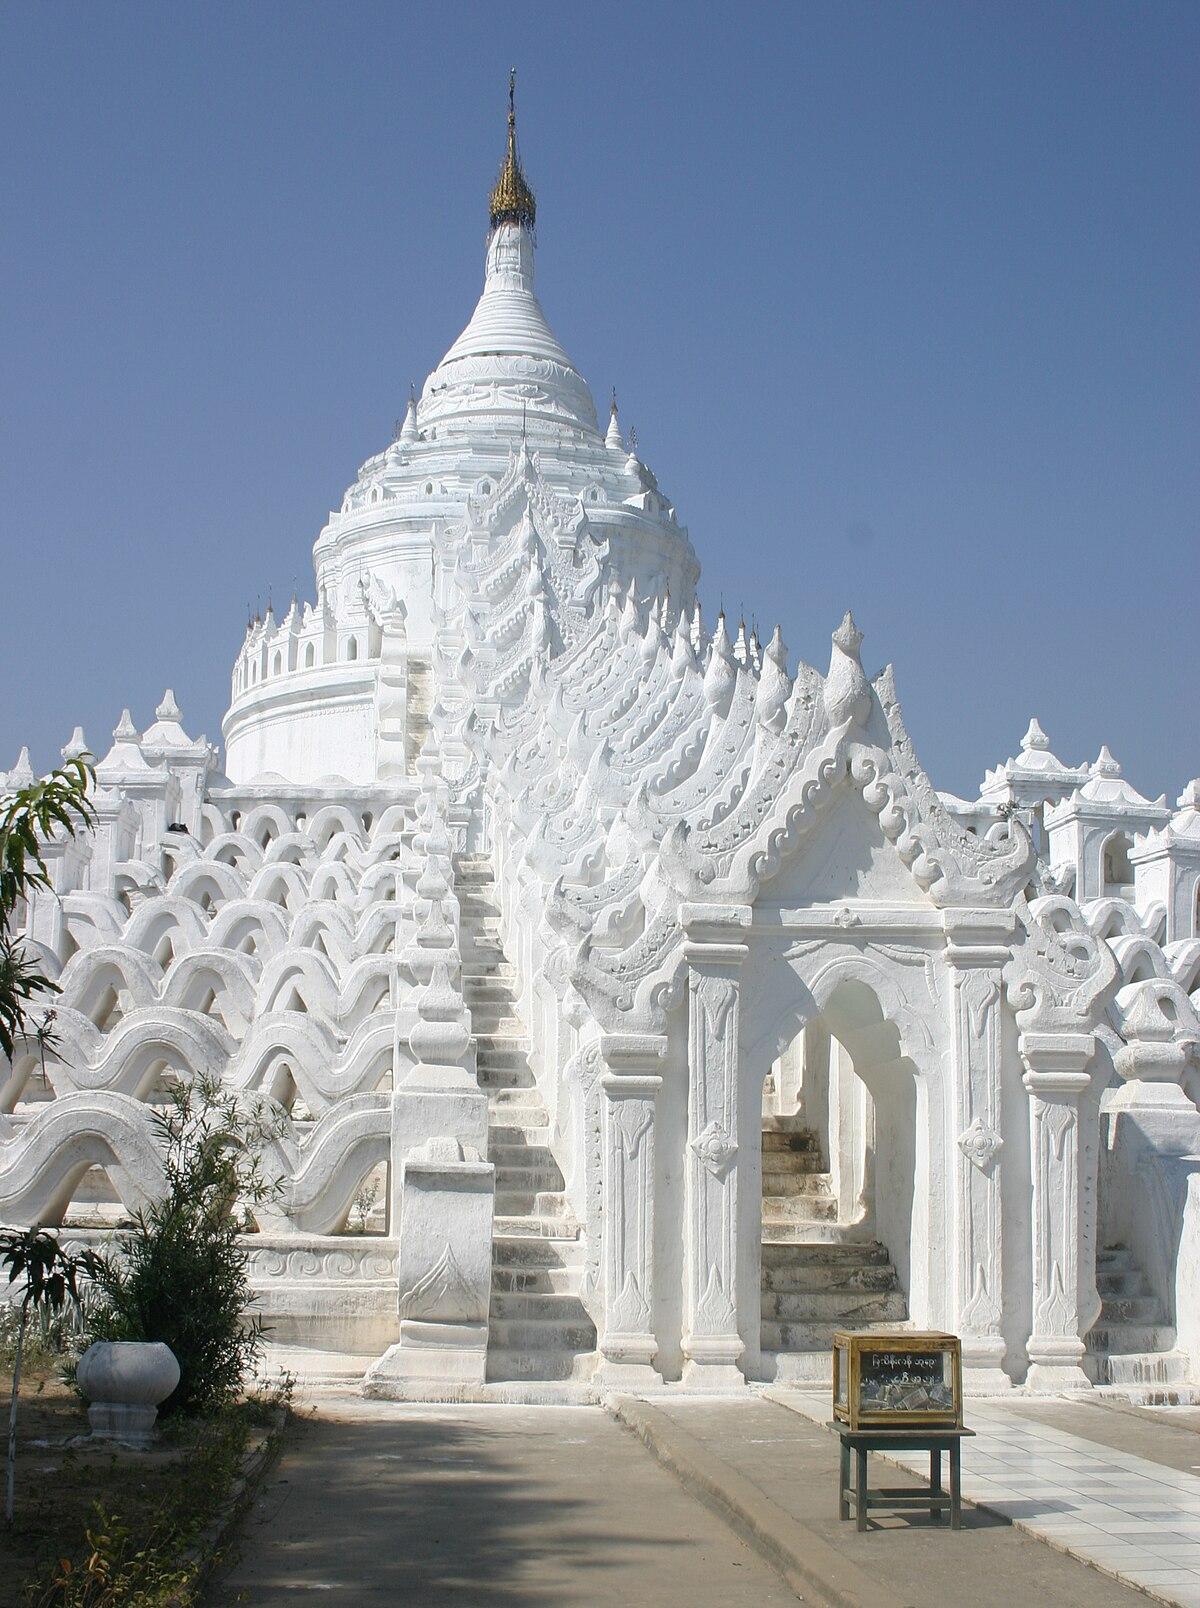 Hsinbyume Pagoda - Wikipedia